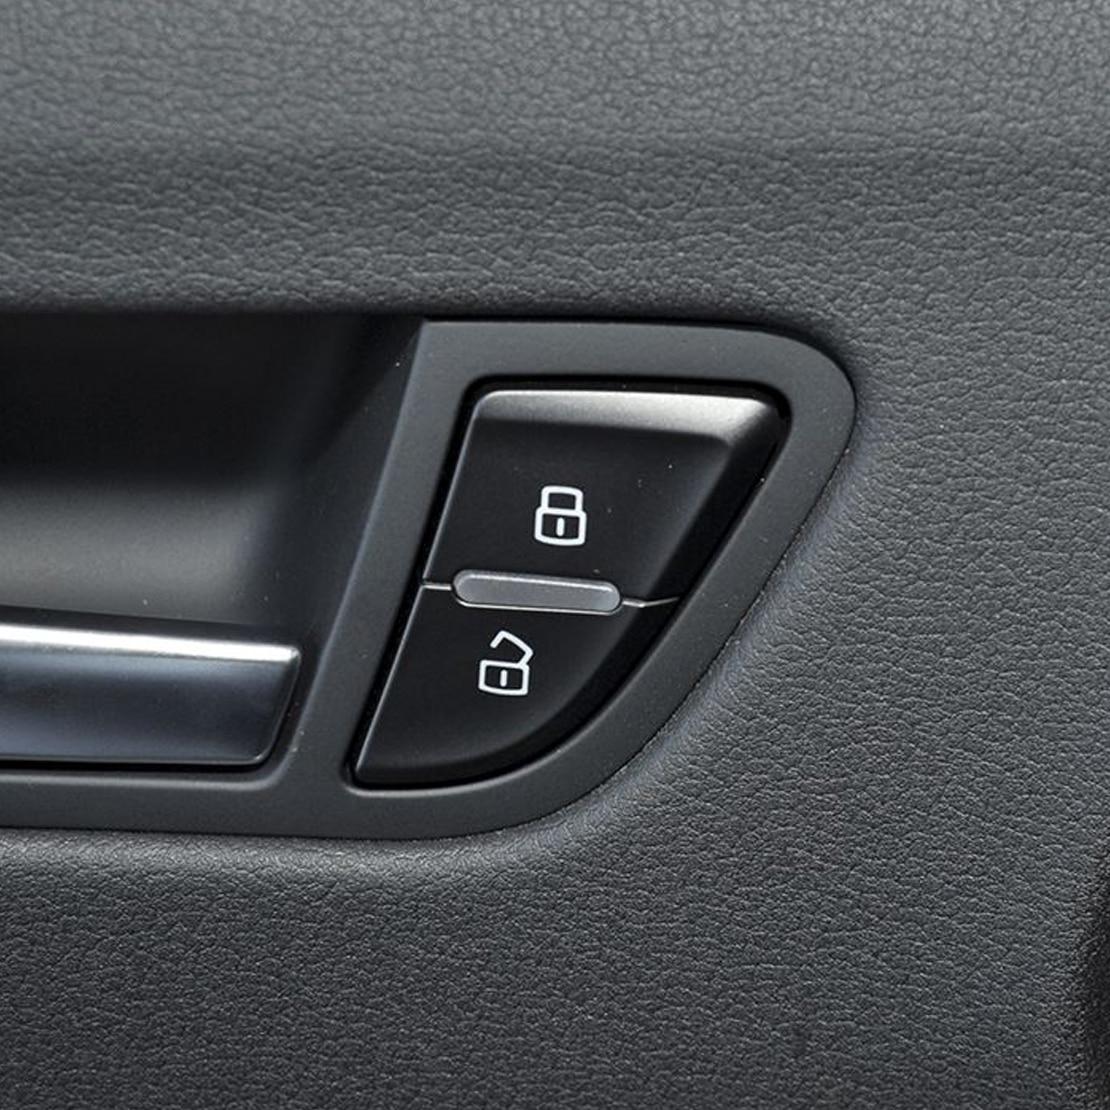 Interruptor de Control de desbloqueo de la puerta Central delantera del conductor izquierdo del coche 8K1962107 apto para Audi A4 S4 A5 2013 2014